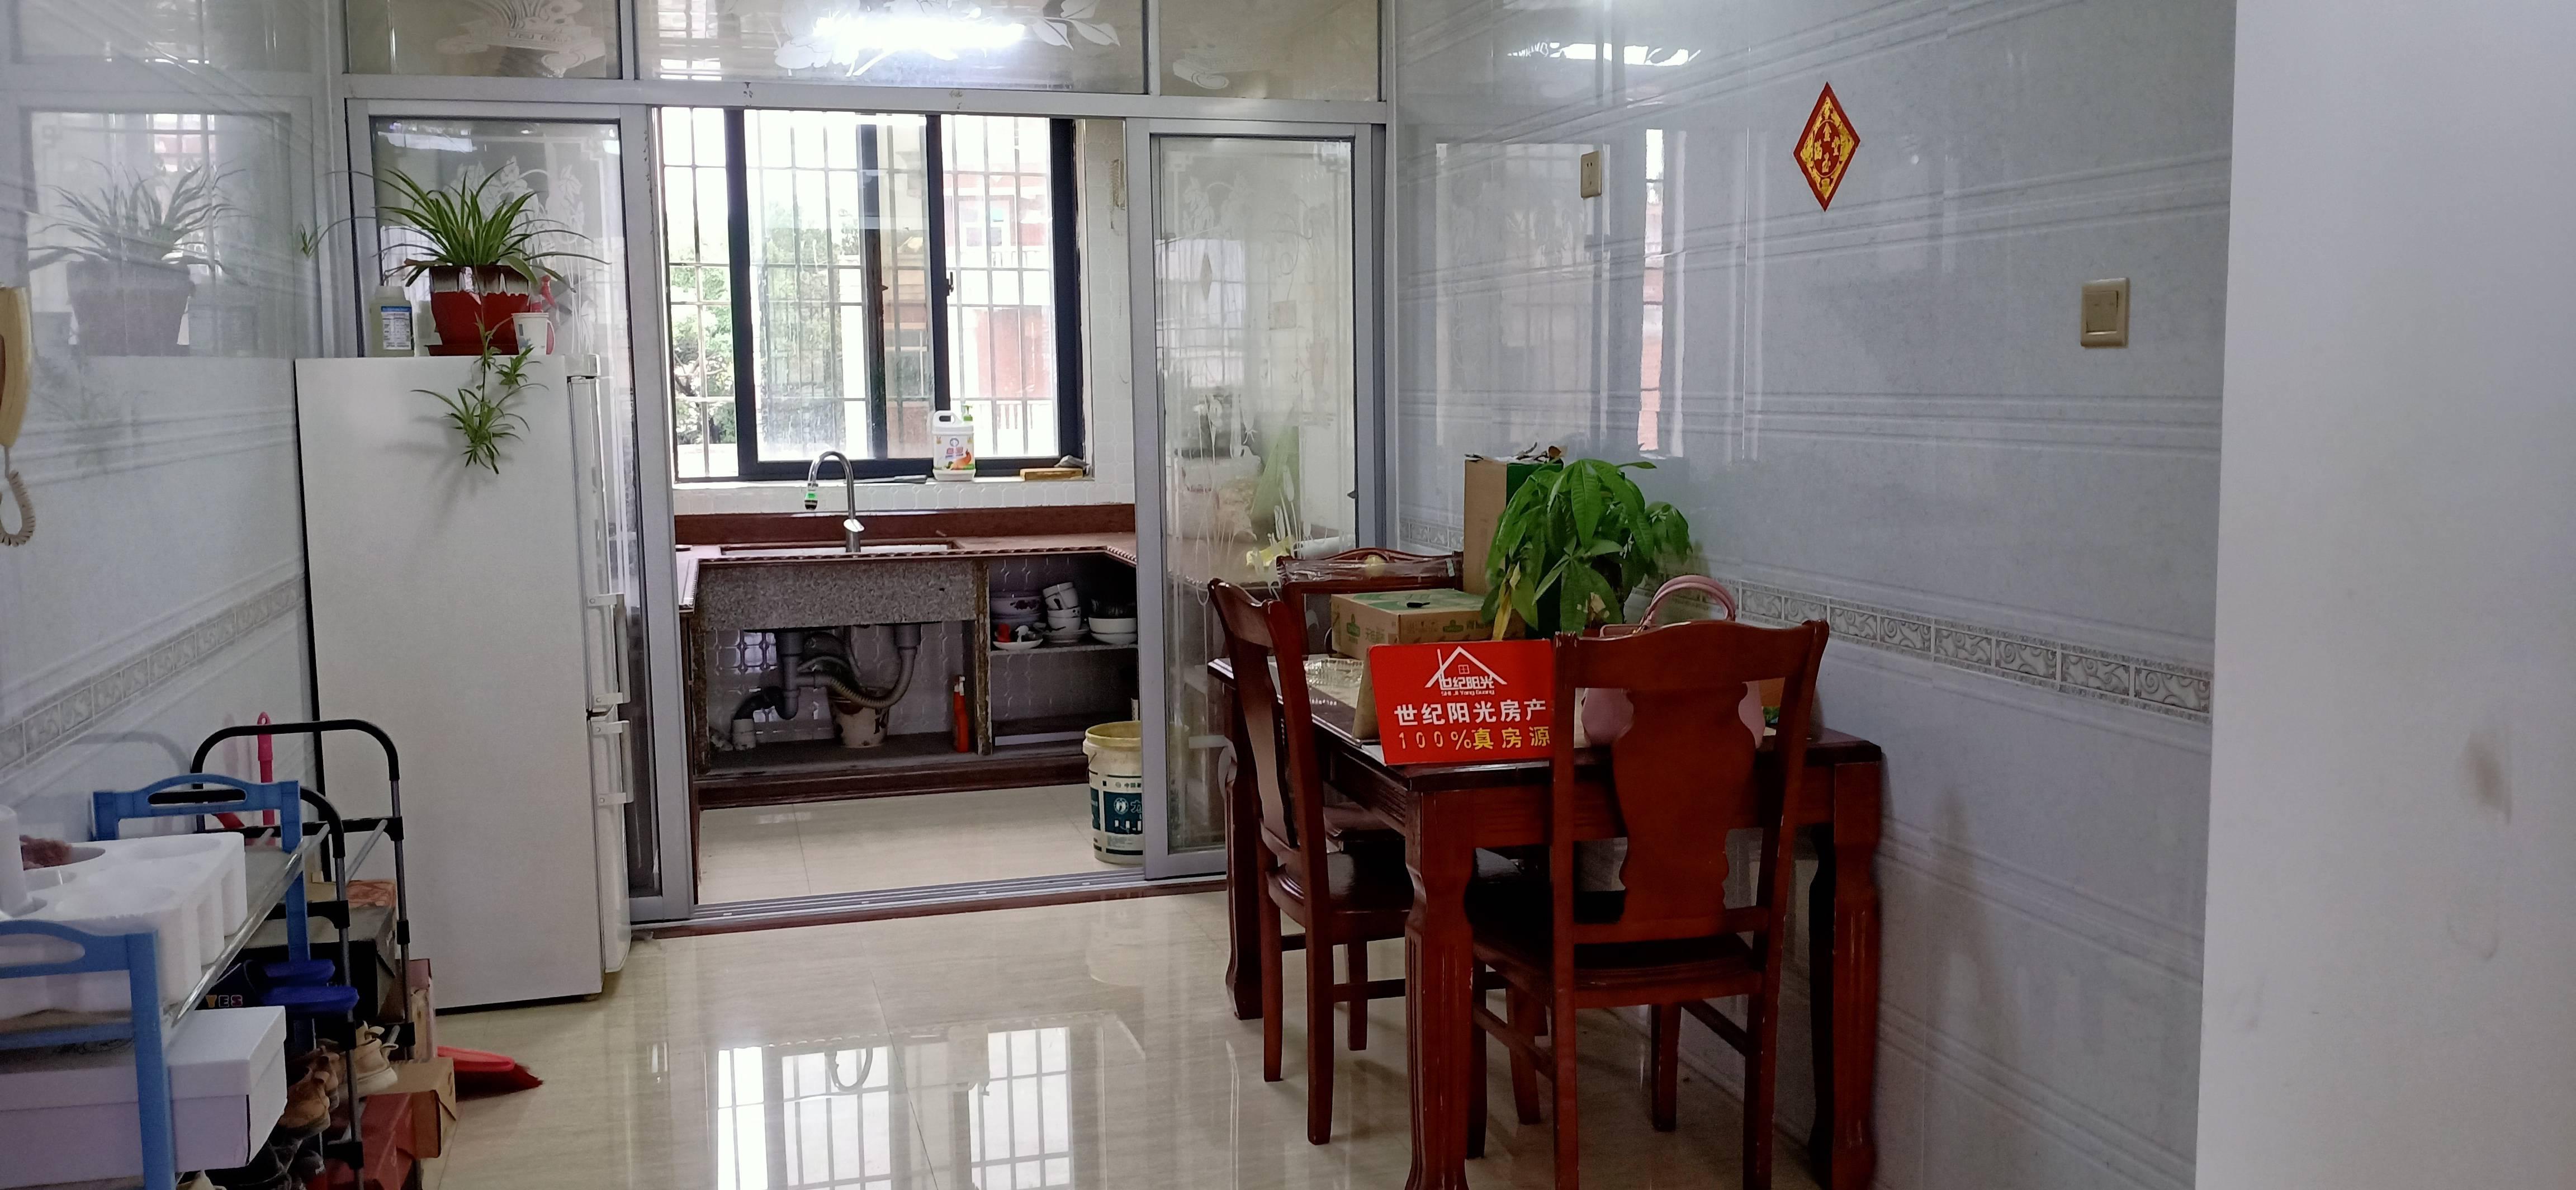 瑞景新城3室2厅1卫107.56平方46万